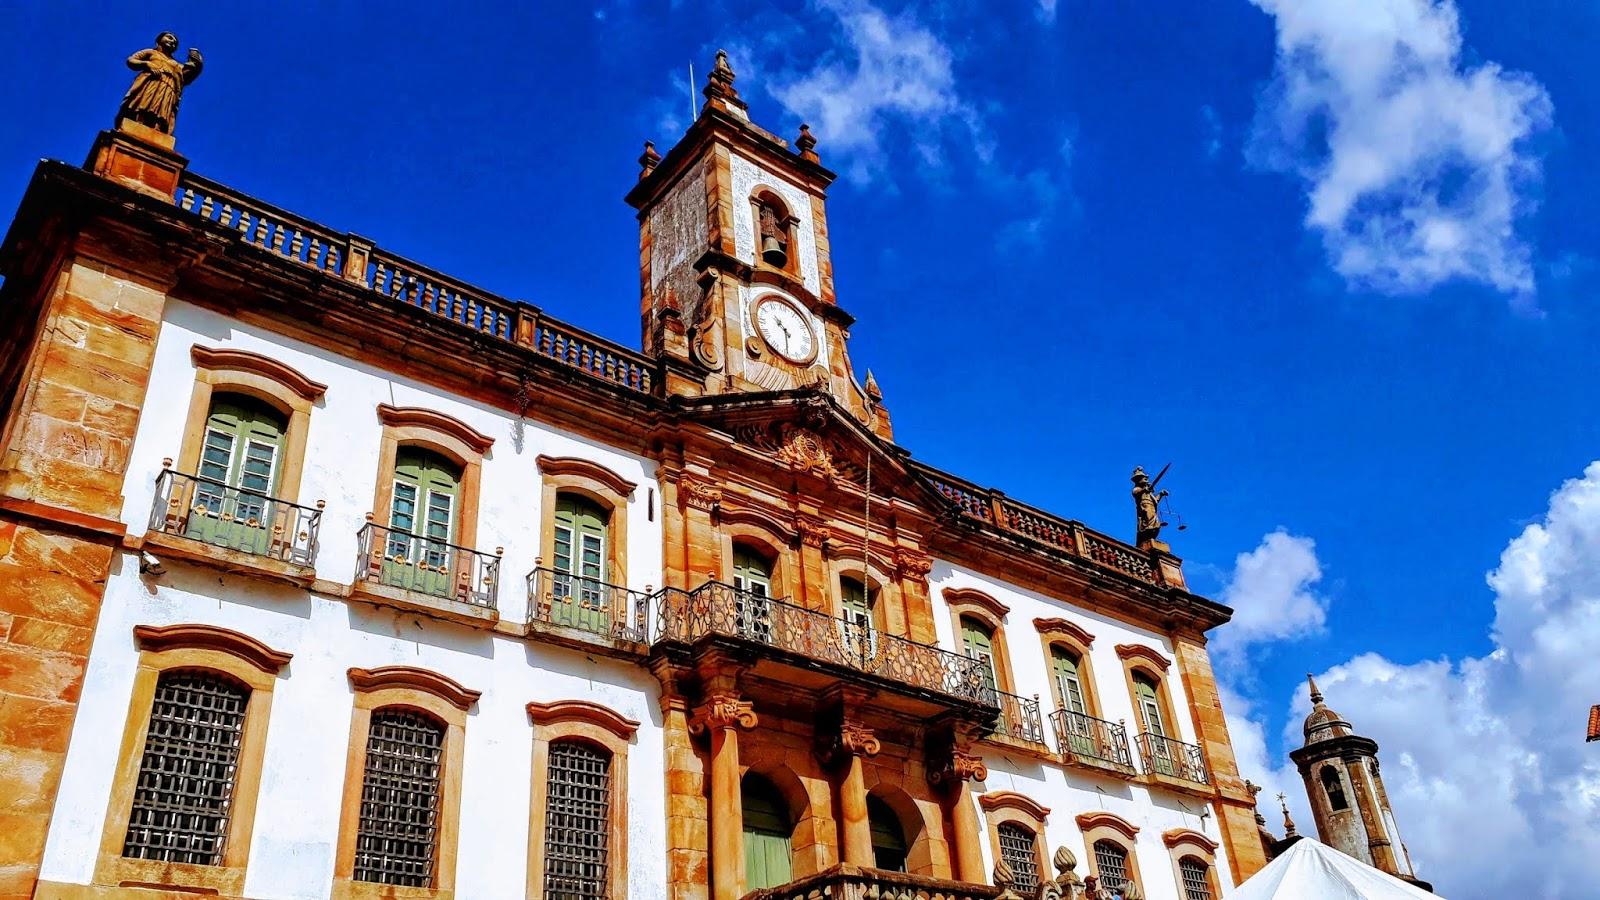 Fachada do prédio do Museu da Inconfidência - Ouro Preto